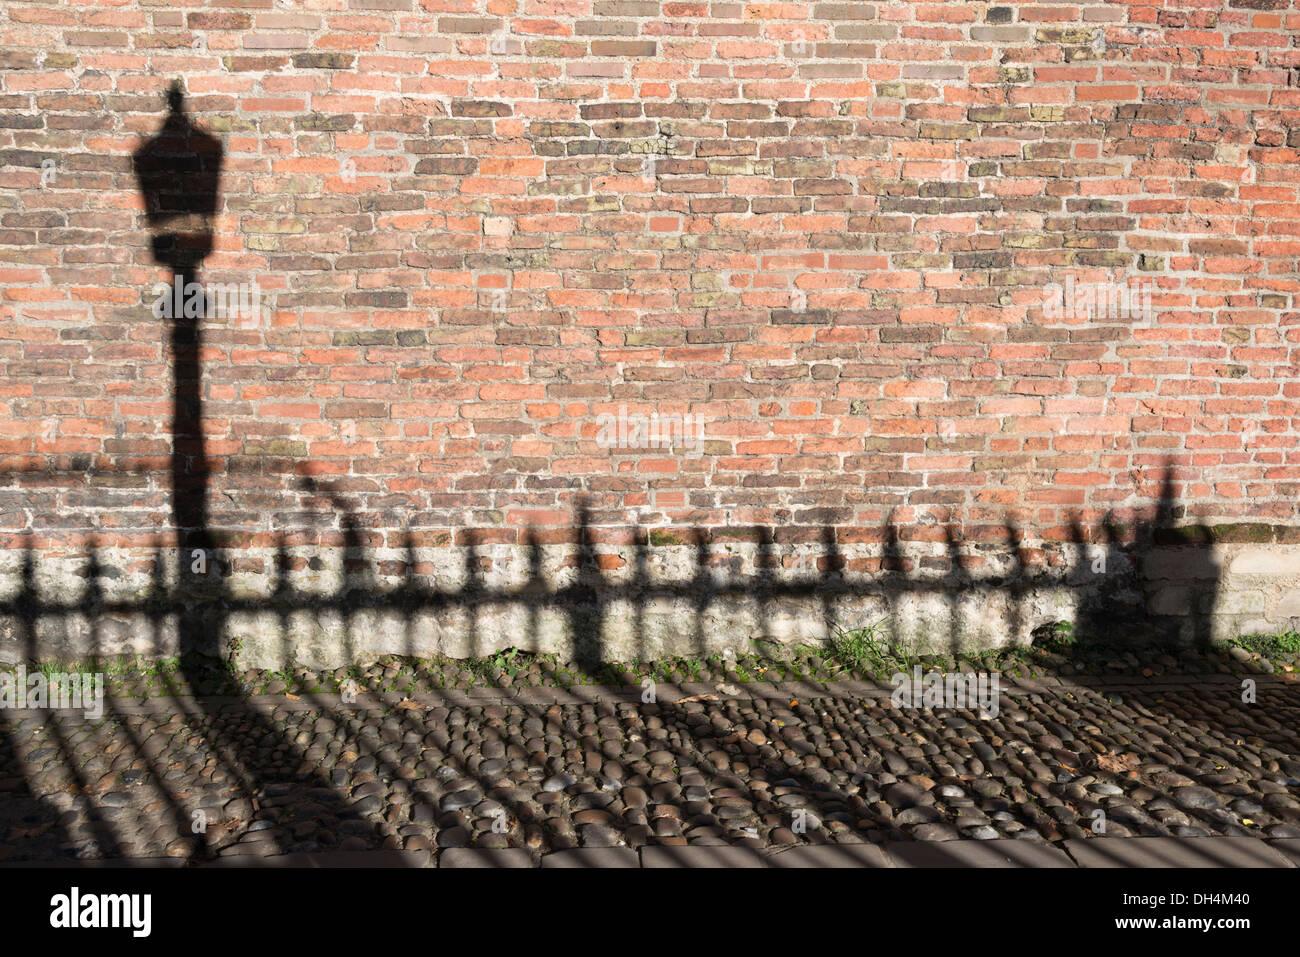 brick wall lamp outside lighting stock photos brick wall lamp